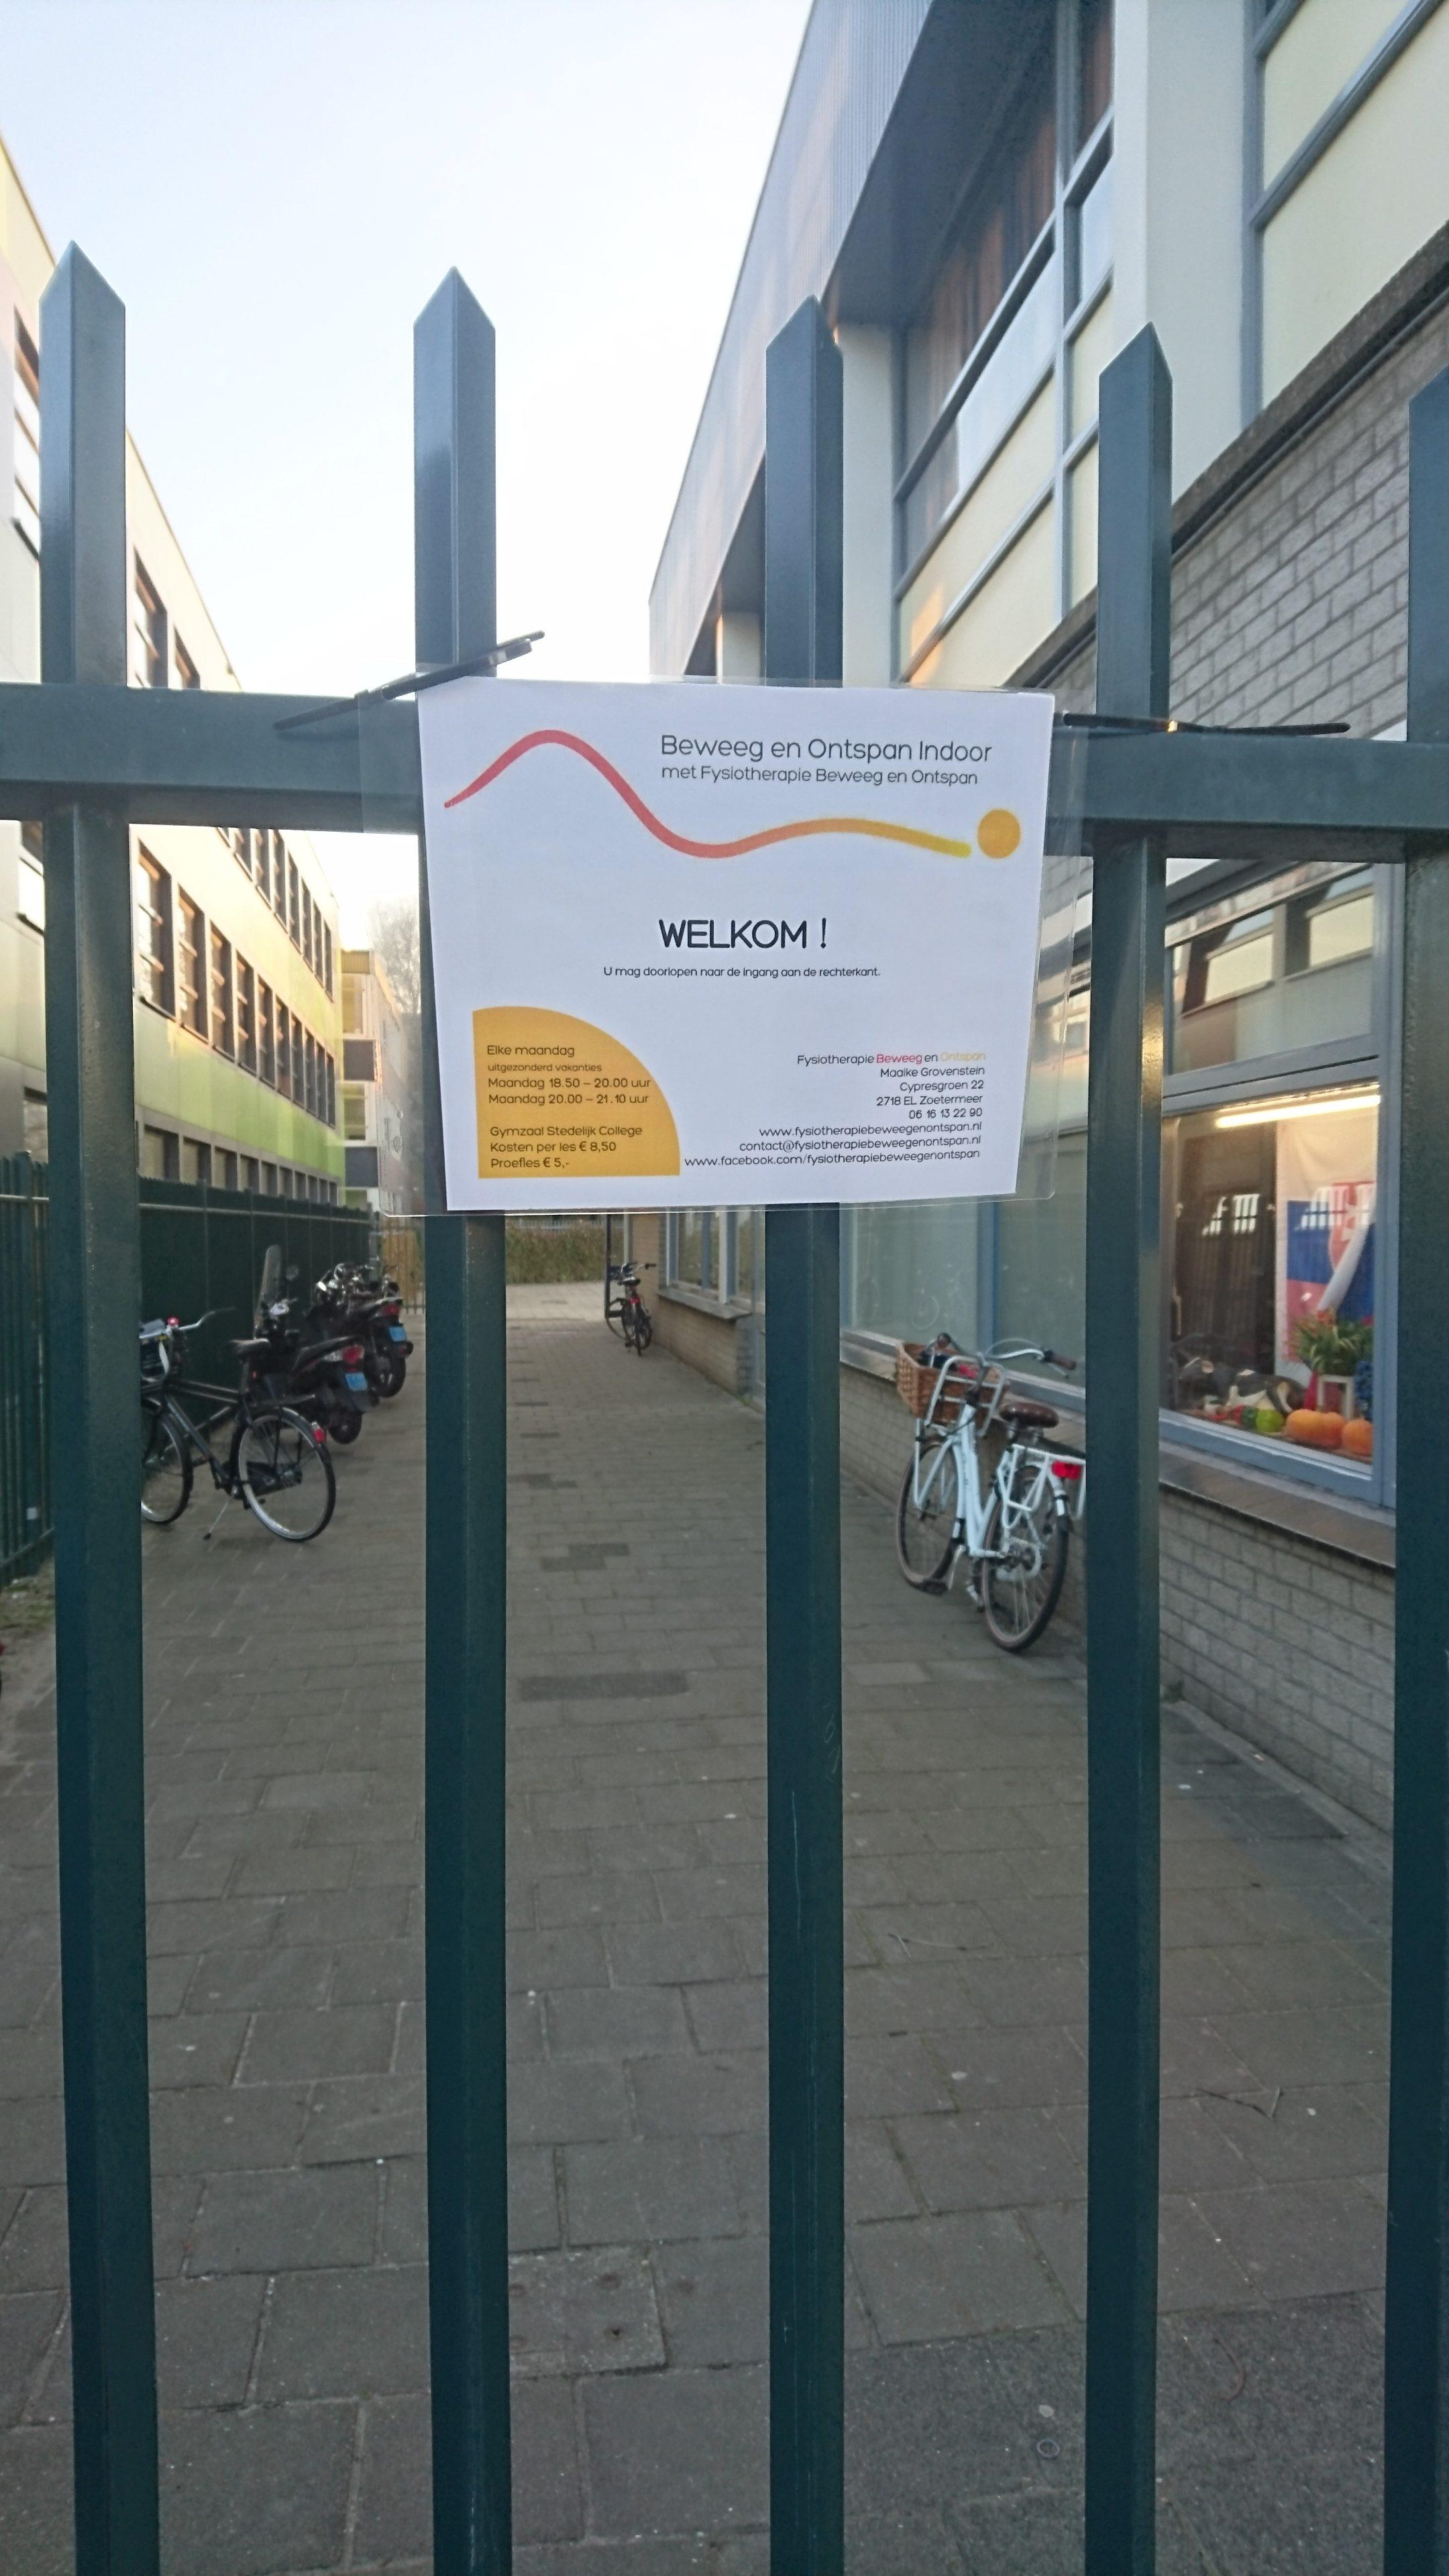 Welkom Beweeg en Ontspan Indoor bij Stedelijk College